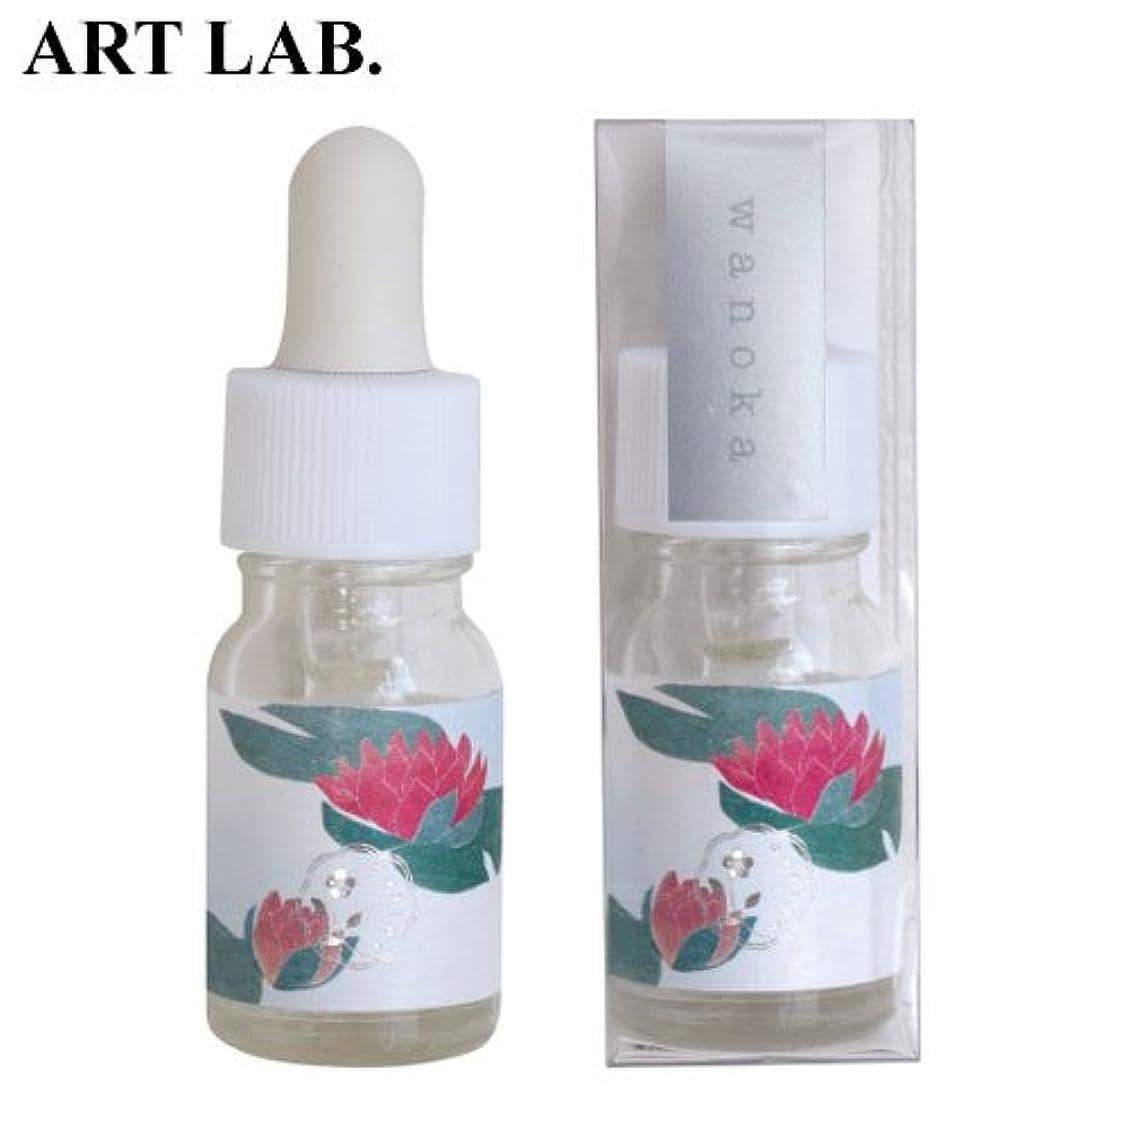 コロニアルムスチロwanoka香油アロマオイル睡蓮《睡蓮をイメージした清楚な香り》ART LABAromatic oil